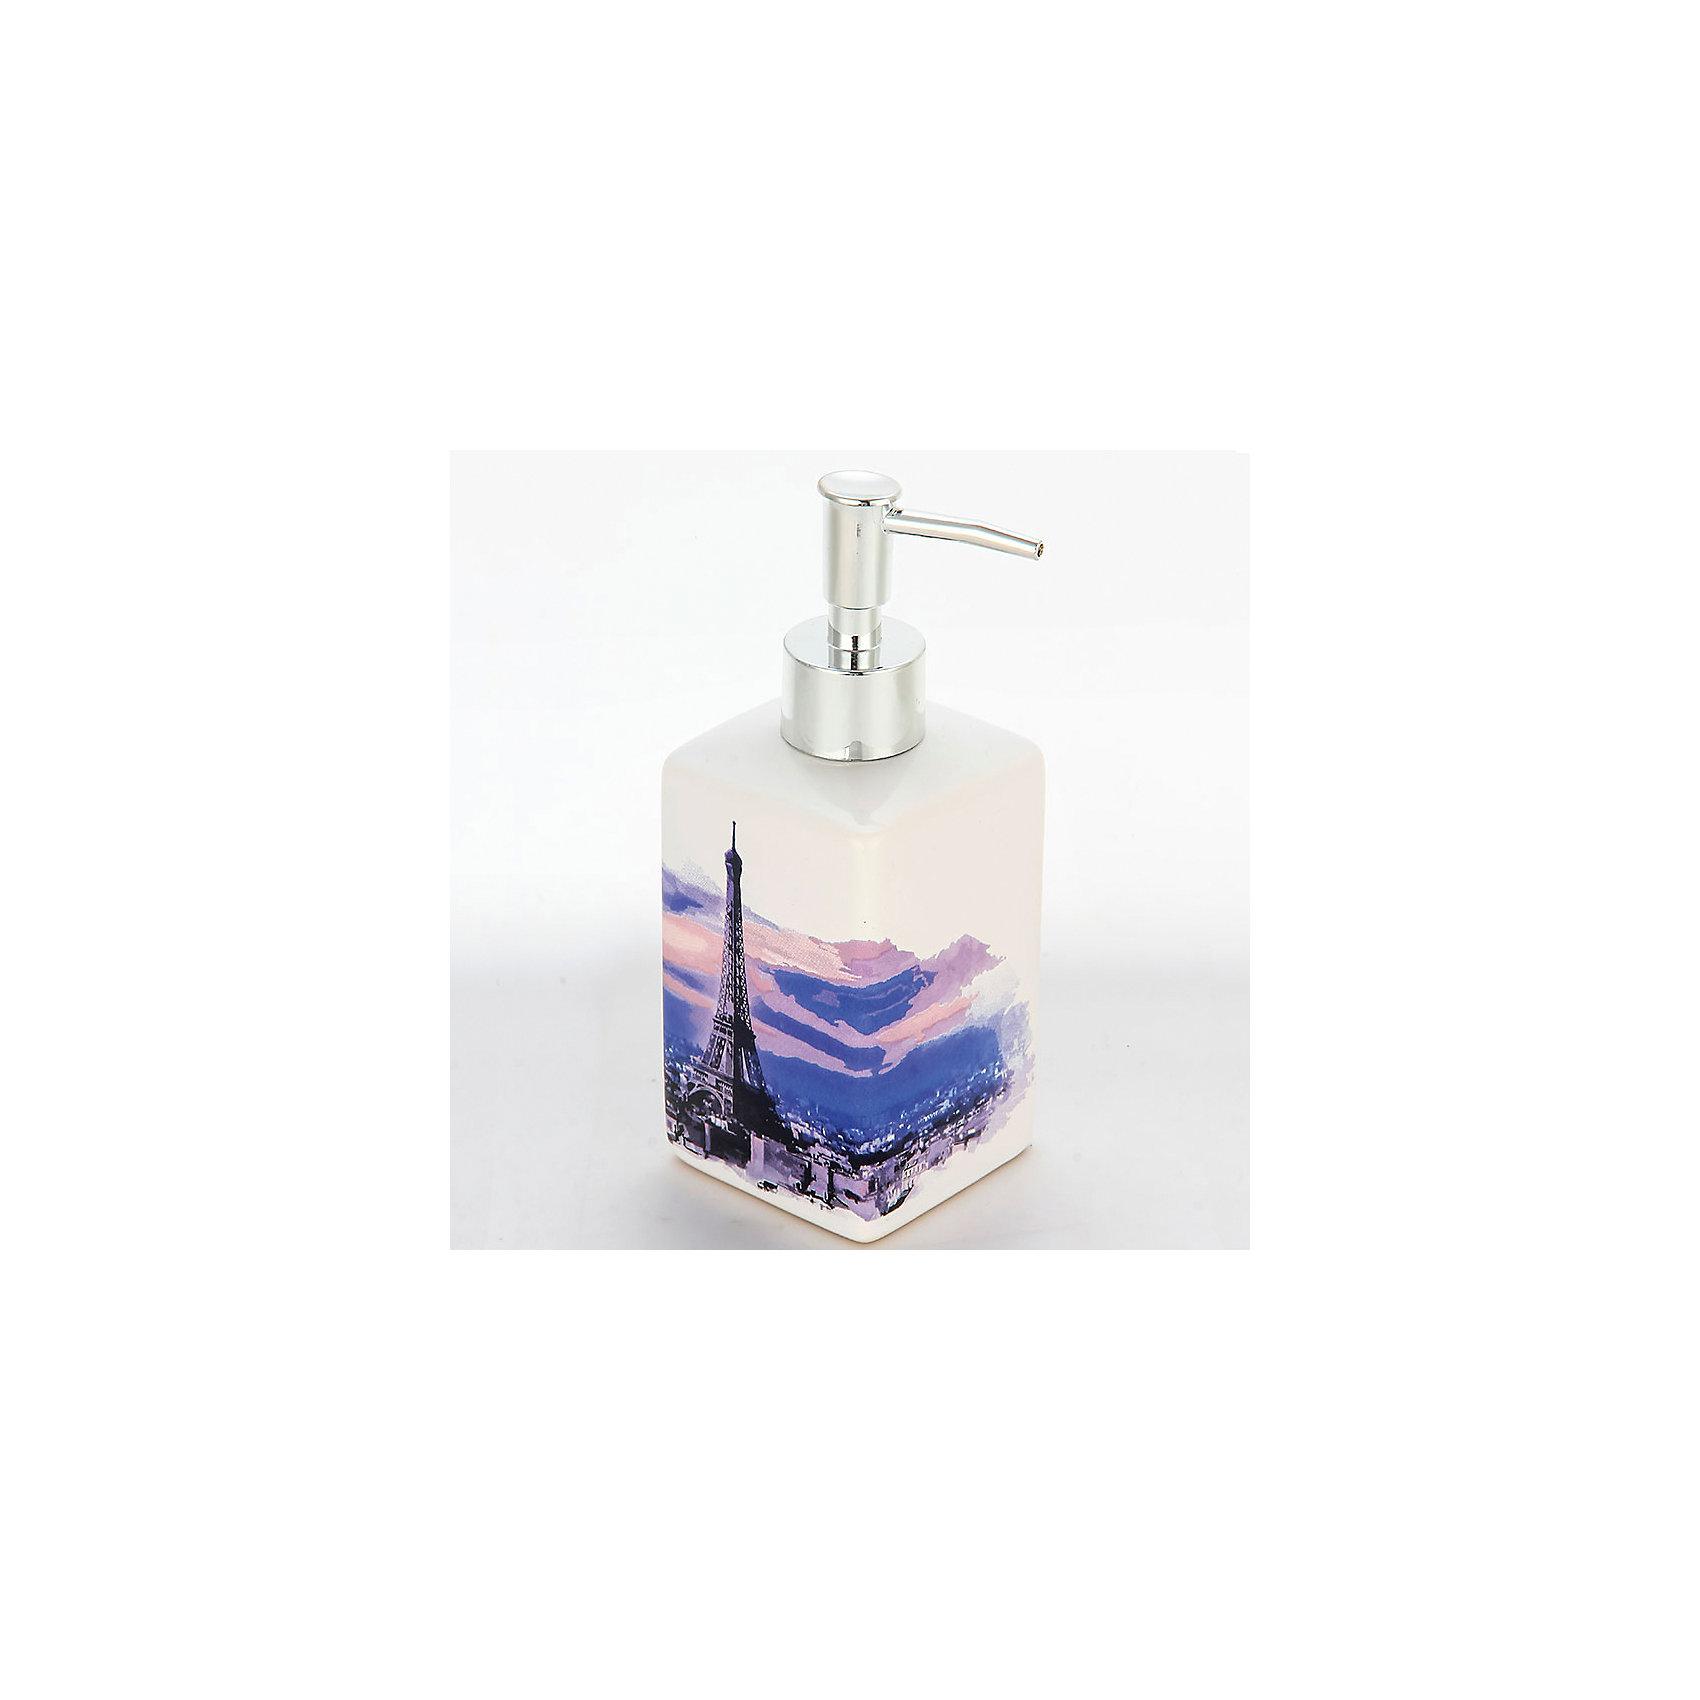 Дозатор для жидкого мыла Париж DIS-P, Рыжий котДозатор для жидкого мыла Париж DIS-P, Рыжий кот<br><br>Характеристики:<br><br>• приятный дизайн<br>• удобный дозатор<br>• материал: керамика<br>• объем: 250 мл<br>• размер: 6,6х6,6х17 см<br><br>Дозатор Париж изготовлен из керамики с изображение Эйфелевой башни. Дозатор имеет удобную форму и очень прост в применении. Объем дозатора составляет 250 мл. Дозатор Париж займет достойное место в вашей ванной комнате!<br><br>Дозатор для жидкого мыла Париж DIS-P, Рыжий кот вы можете купить в нашем интернет-магазине.<br><br>Ширина мм: 80<br>Глубина мм: 80<br>Высота мм: 190<br>Вес г: 298<br>Возраст от месяцев: 12<br>Возраст до месяцев: 216<br>Пол: Унисекс<br>Возраст: Детский<br>SKU: 5454086